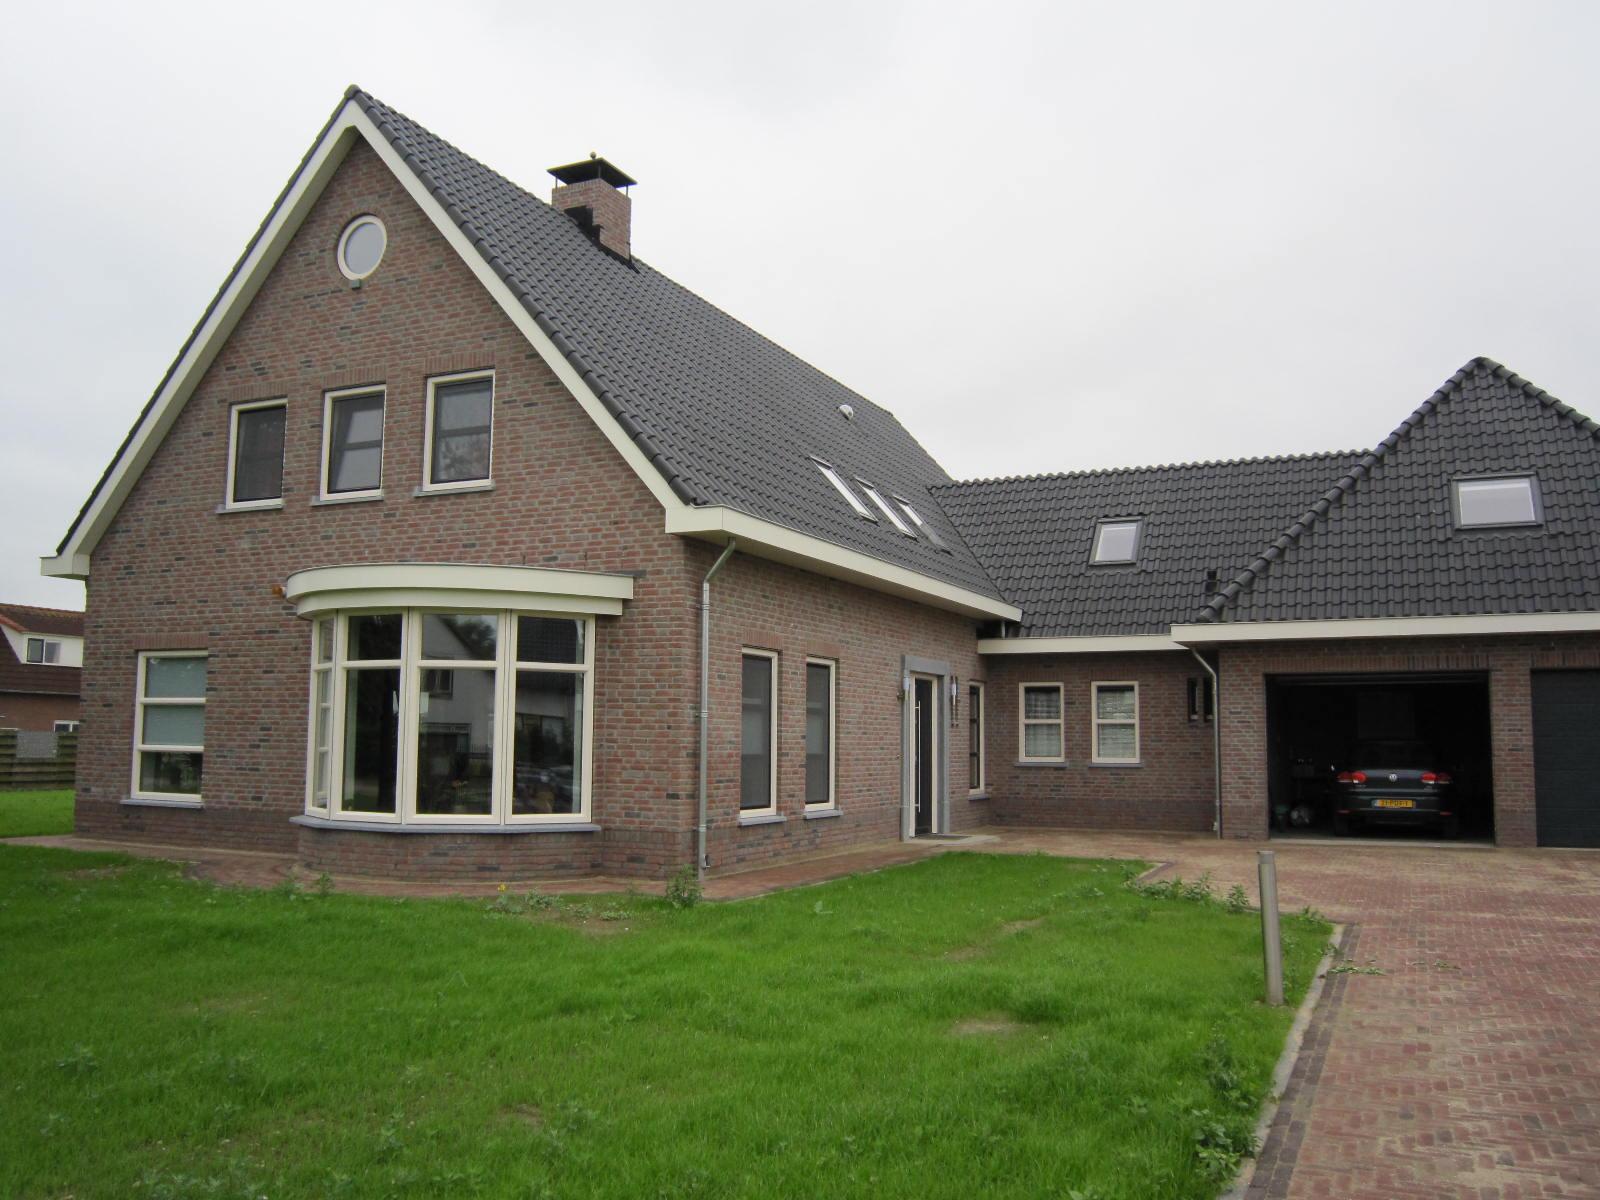 sedeko molenhoek, terras overkapping, serres, deuren, kozijnen, luifels, schuifpuien, dakkapellen, verandas, veranda's, carport